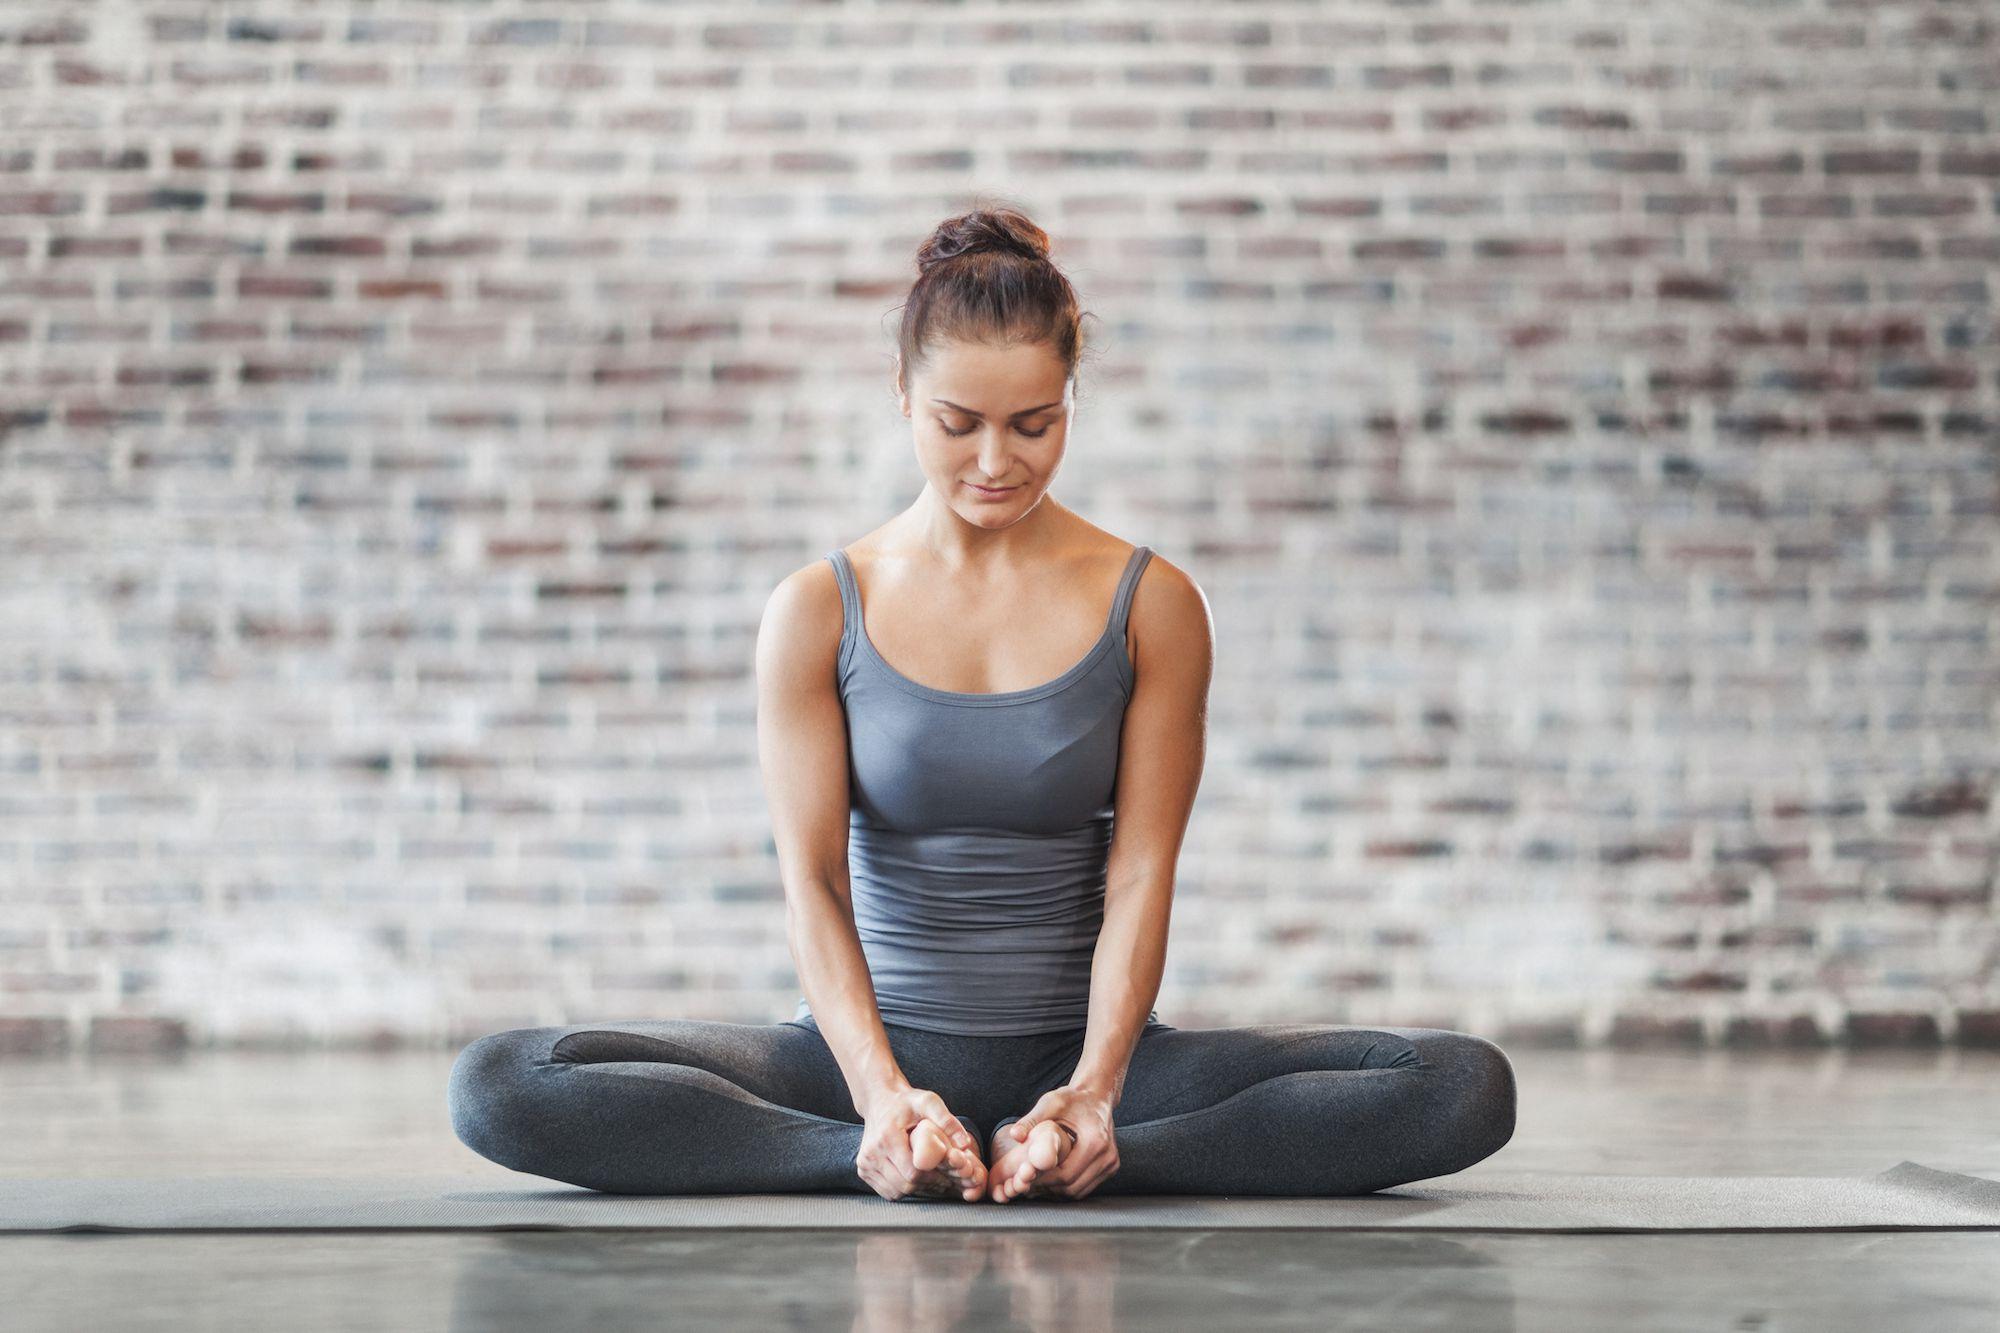 фотографий личное как правильно фотографировать йогу свое